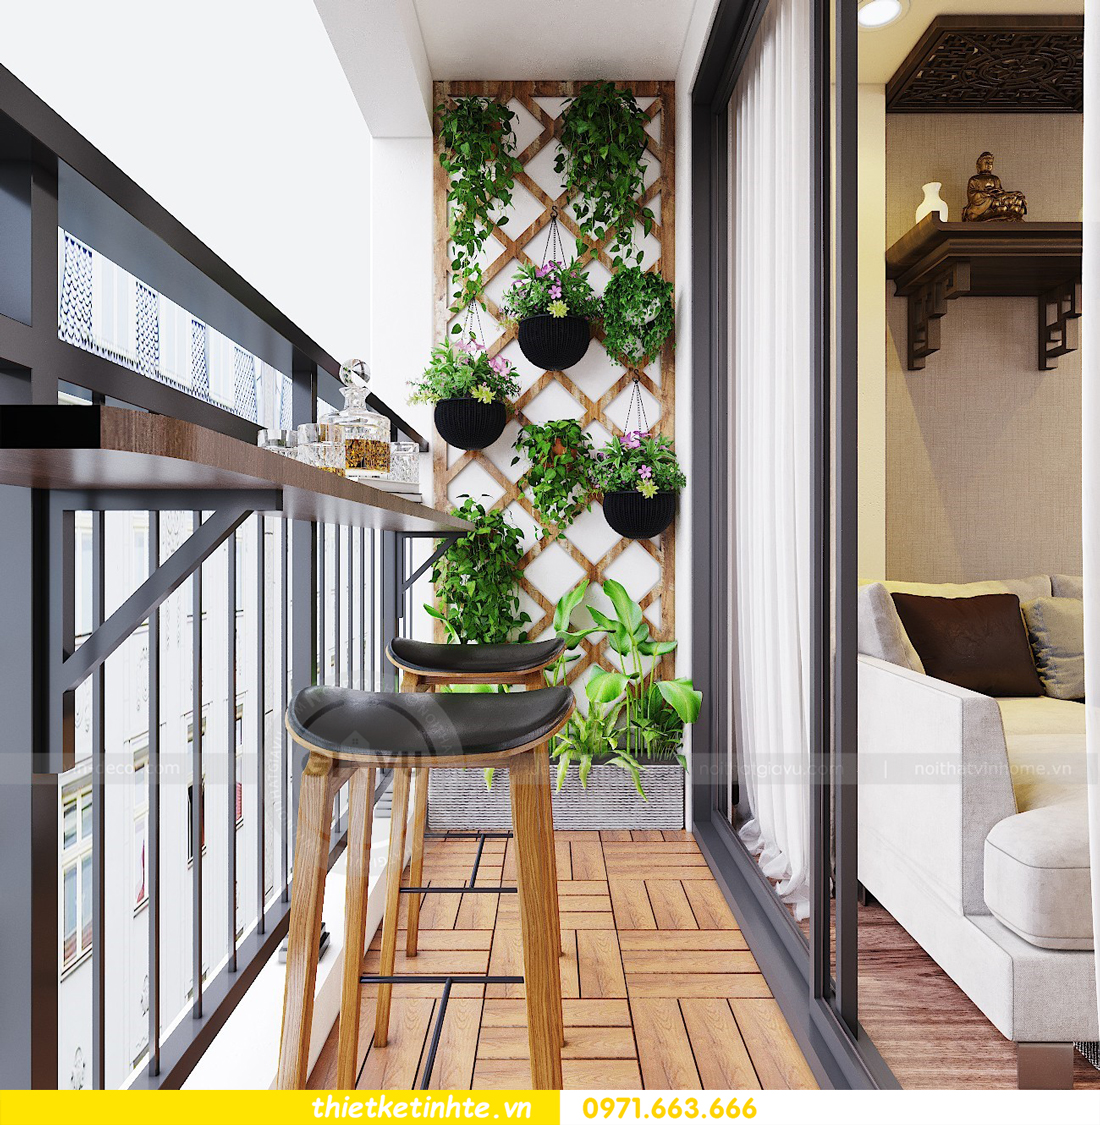 thiết kế nội thất chung cư Ngoại Giao Đoàn N01 T5 anh Dương 07